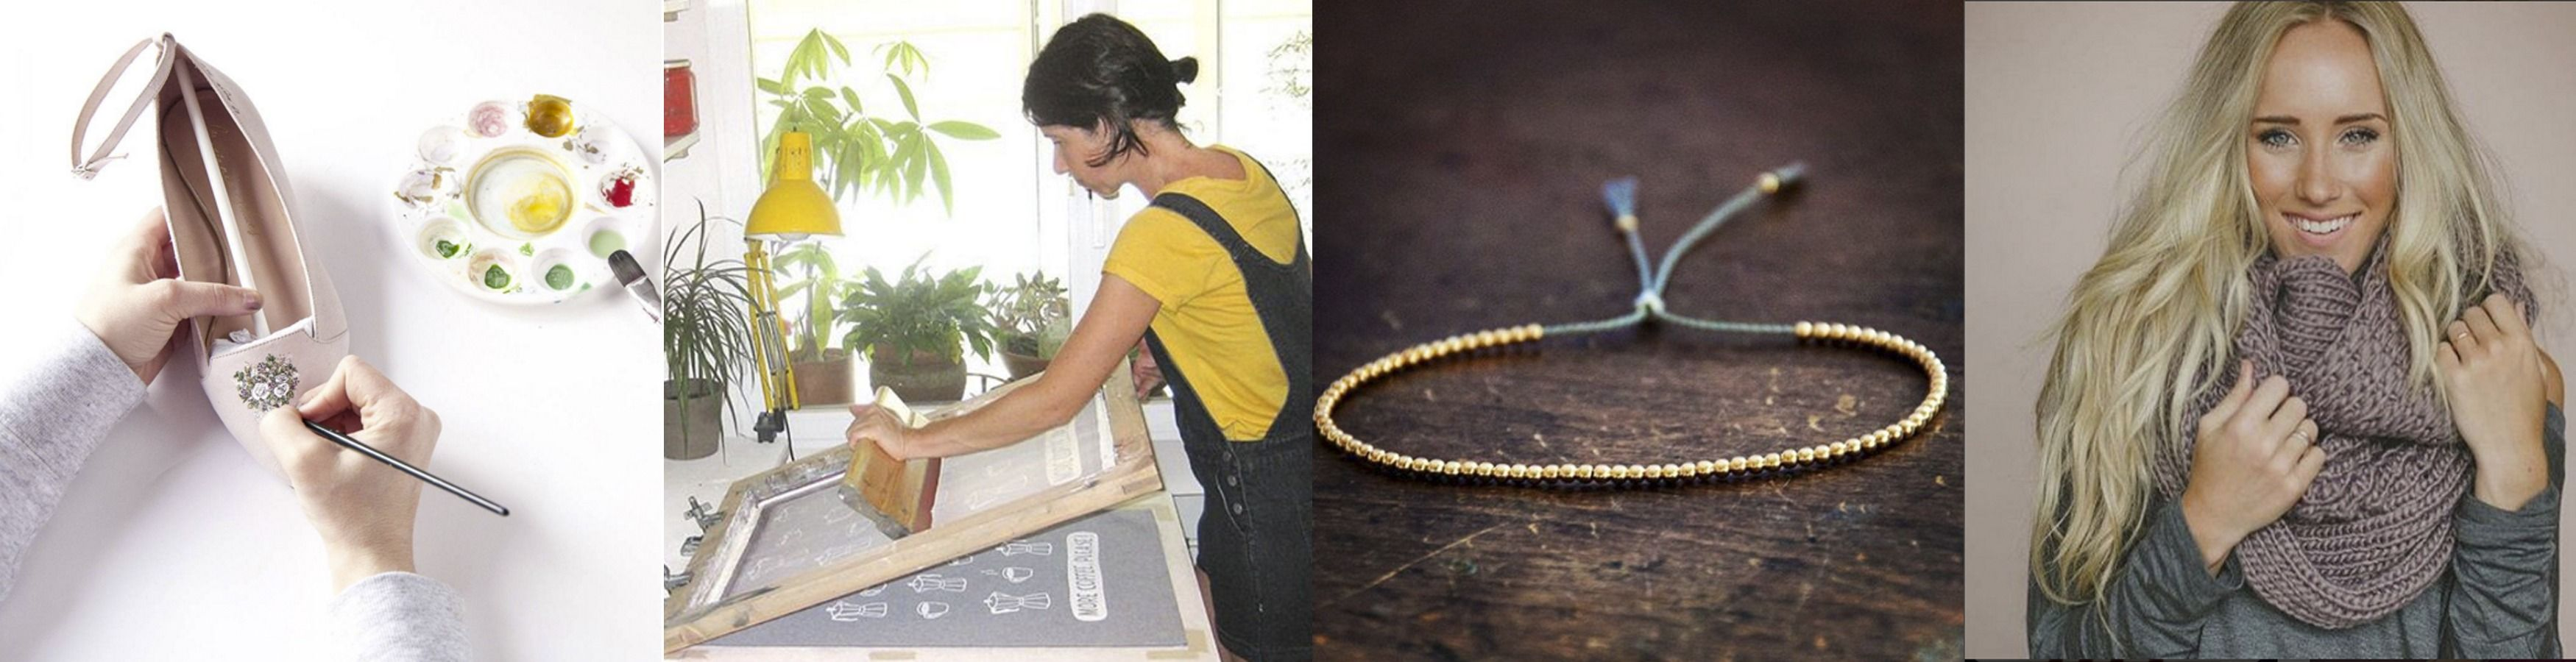 vender-tu-marca-handmade-en-internet-Marketiniana-02